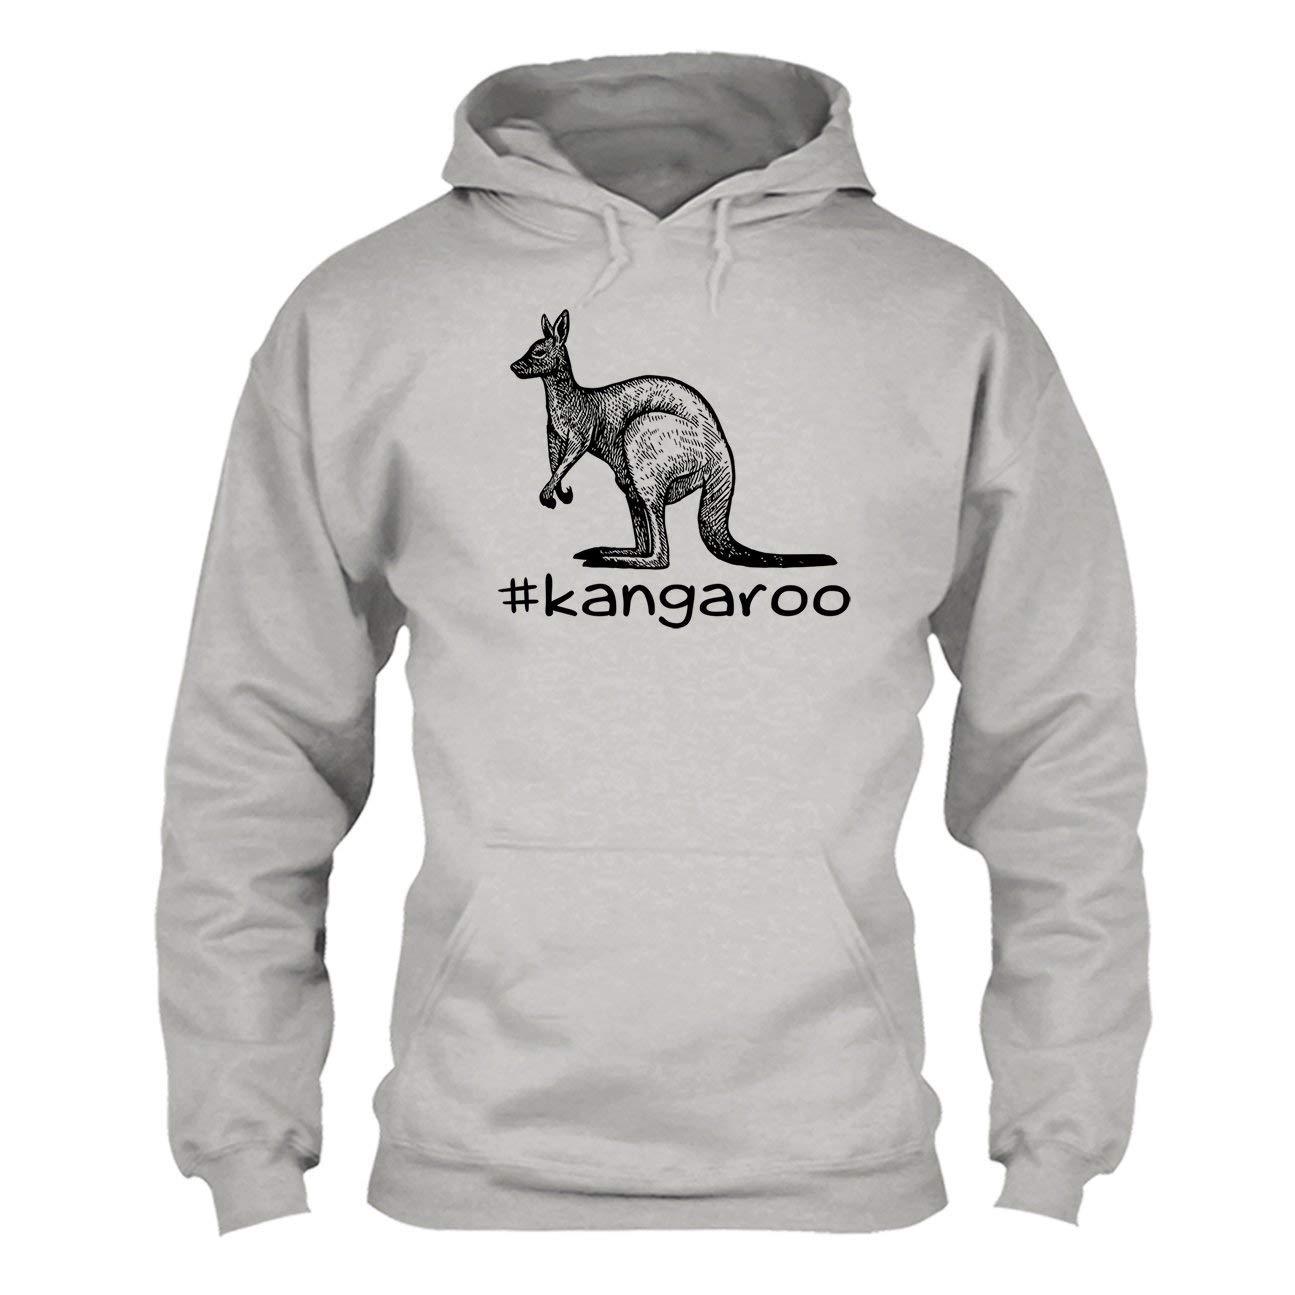 Kangaroo Hashtag T Shirt Tee Shirt Sweatshirts